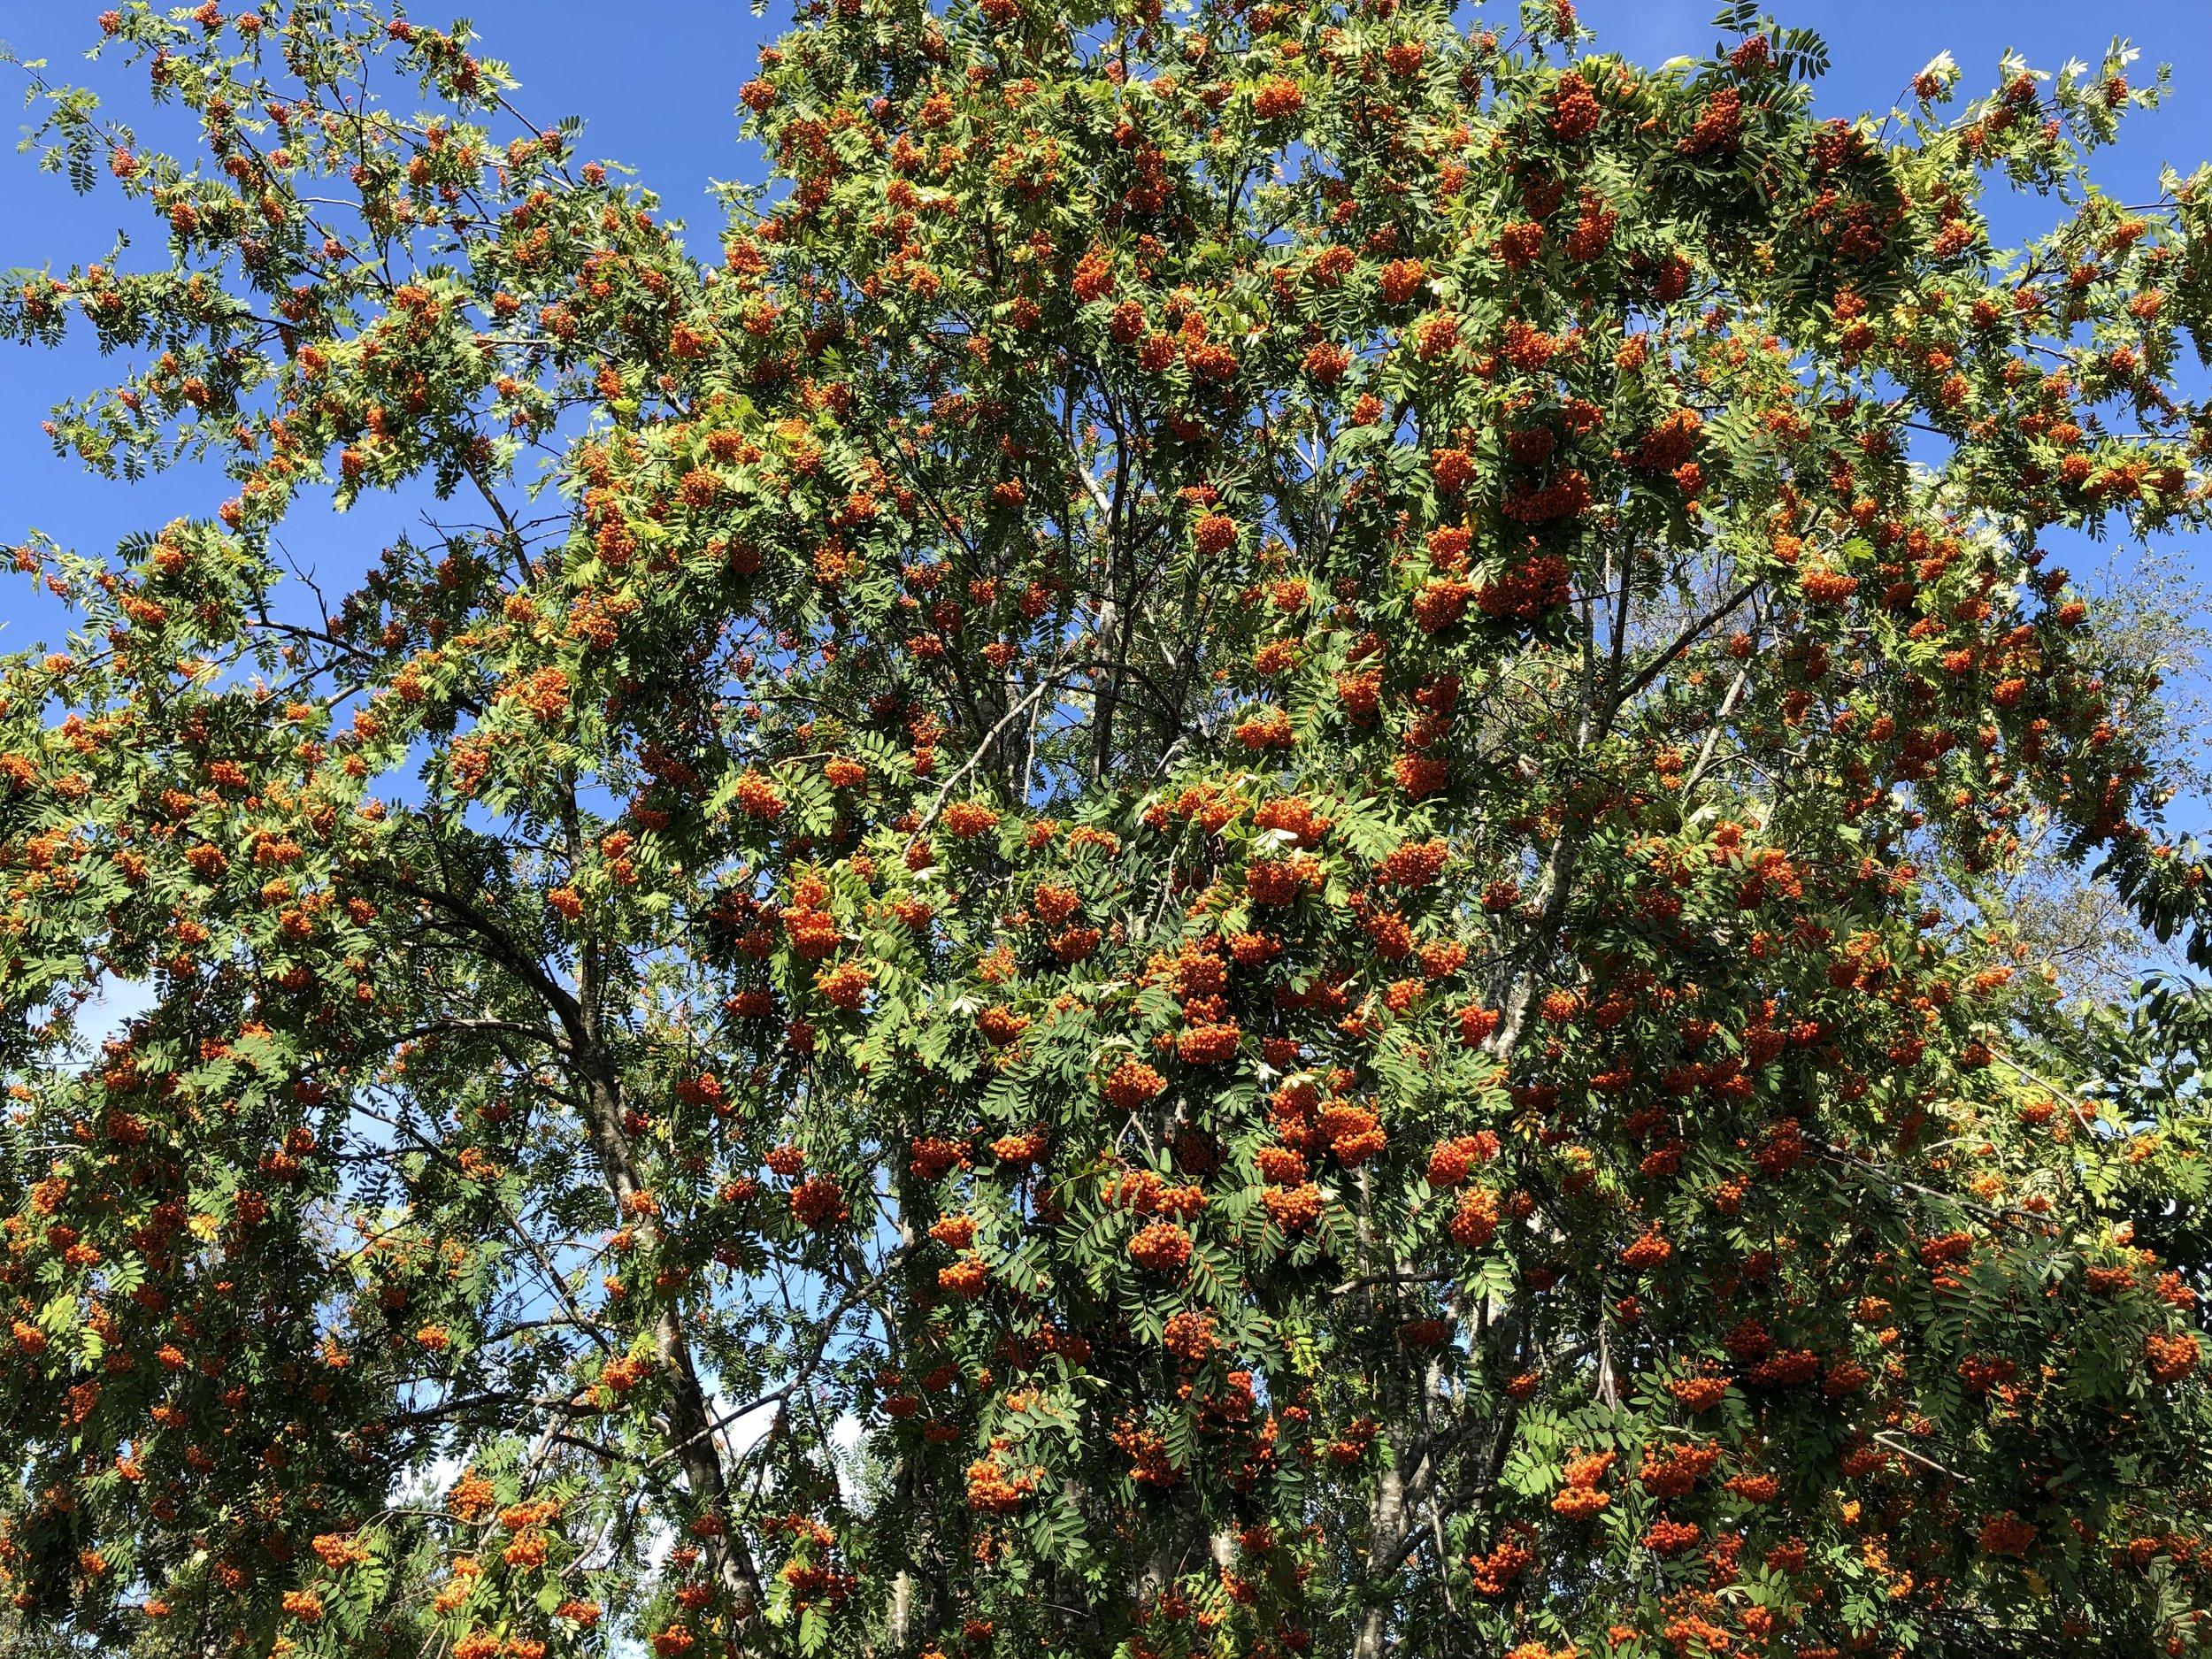 Kronår for alle vekster i år, kanskje med unntak for epler? Rogna henger tungt for tiden